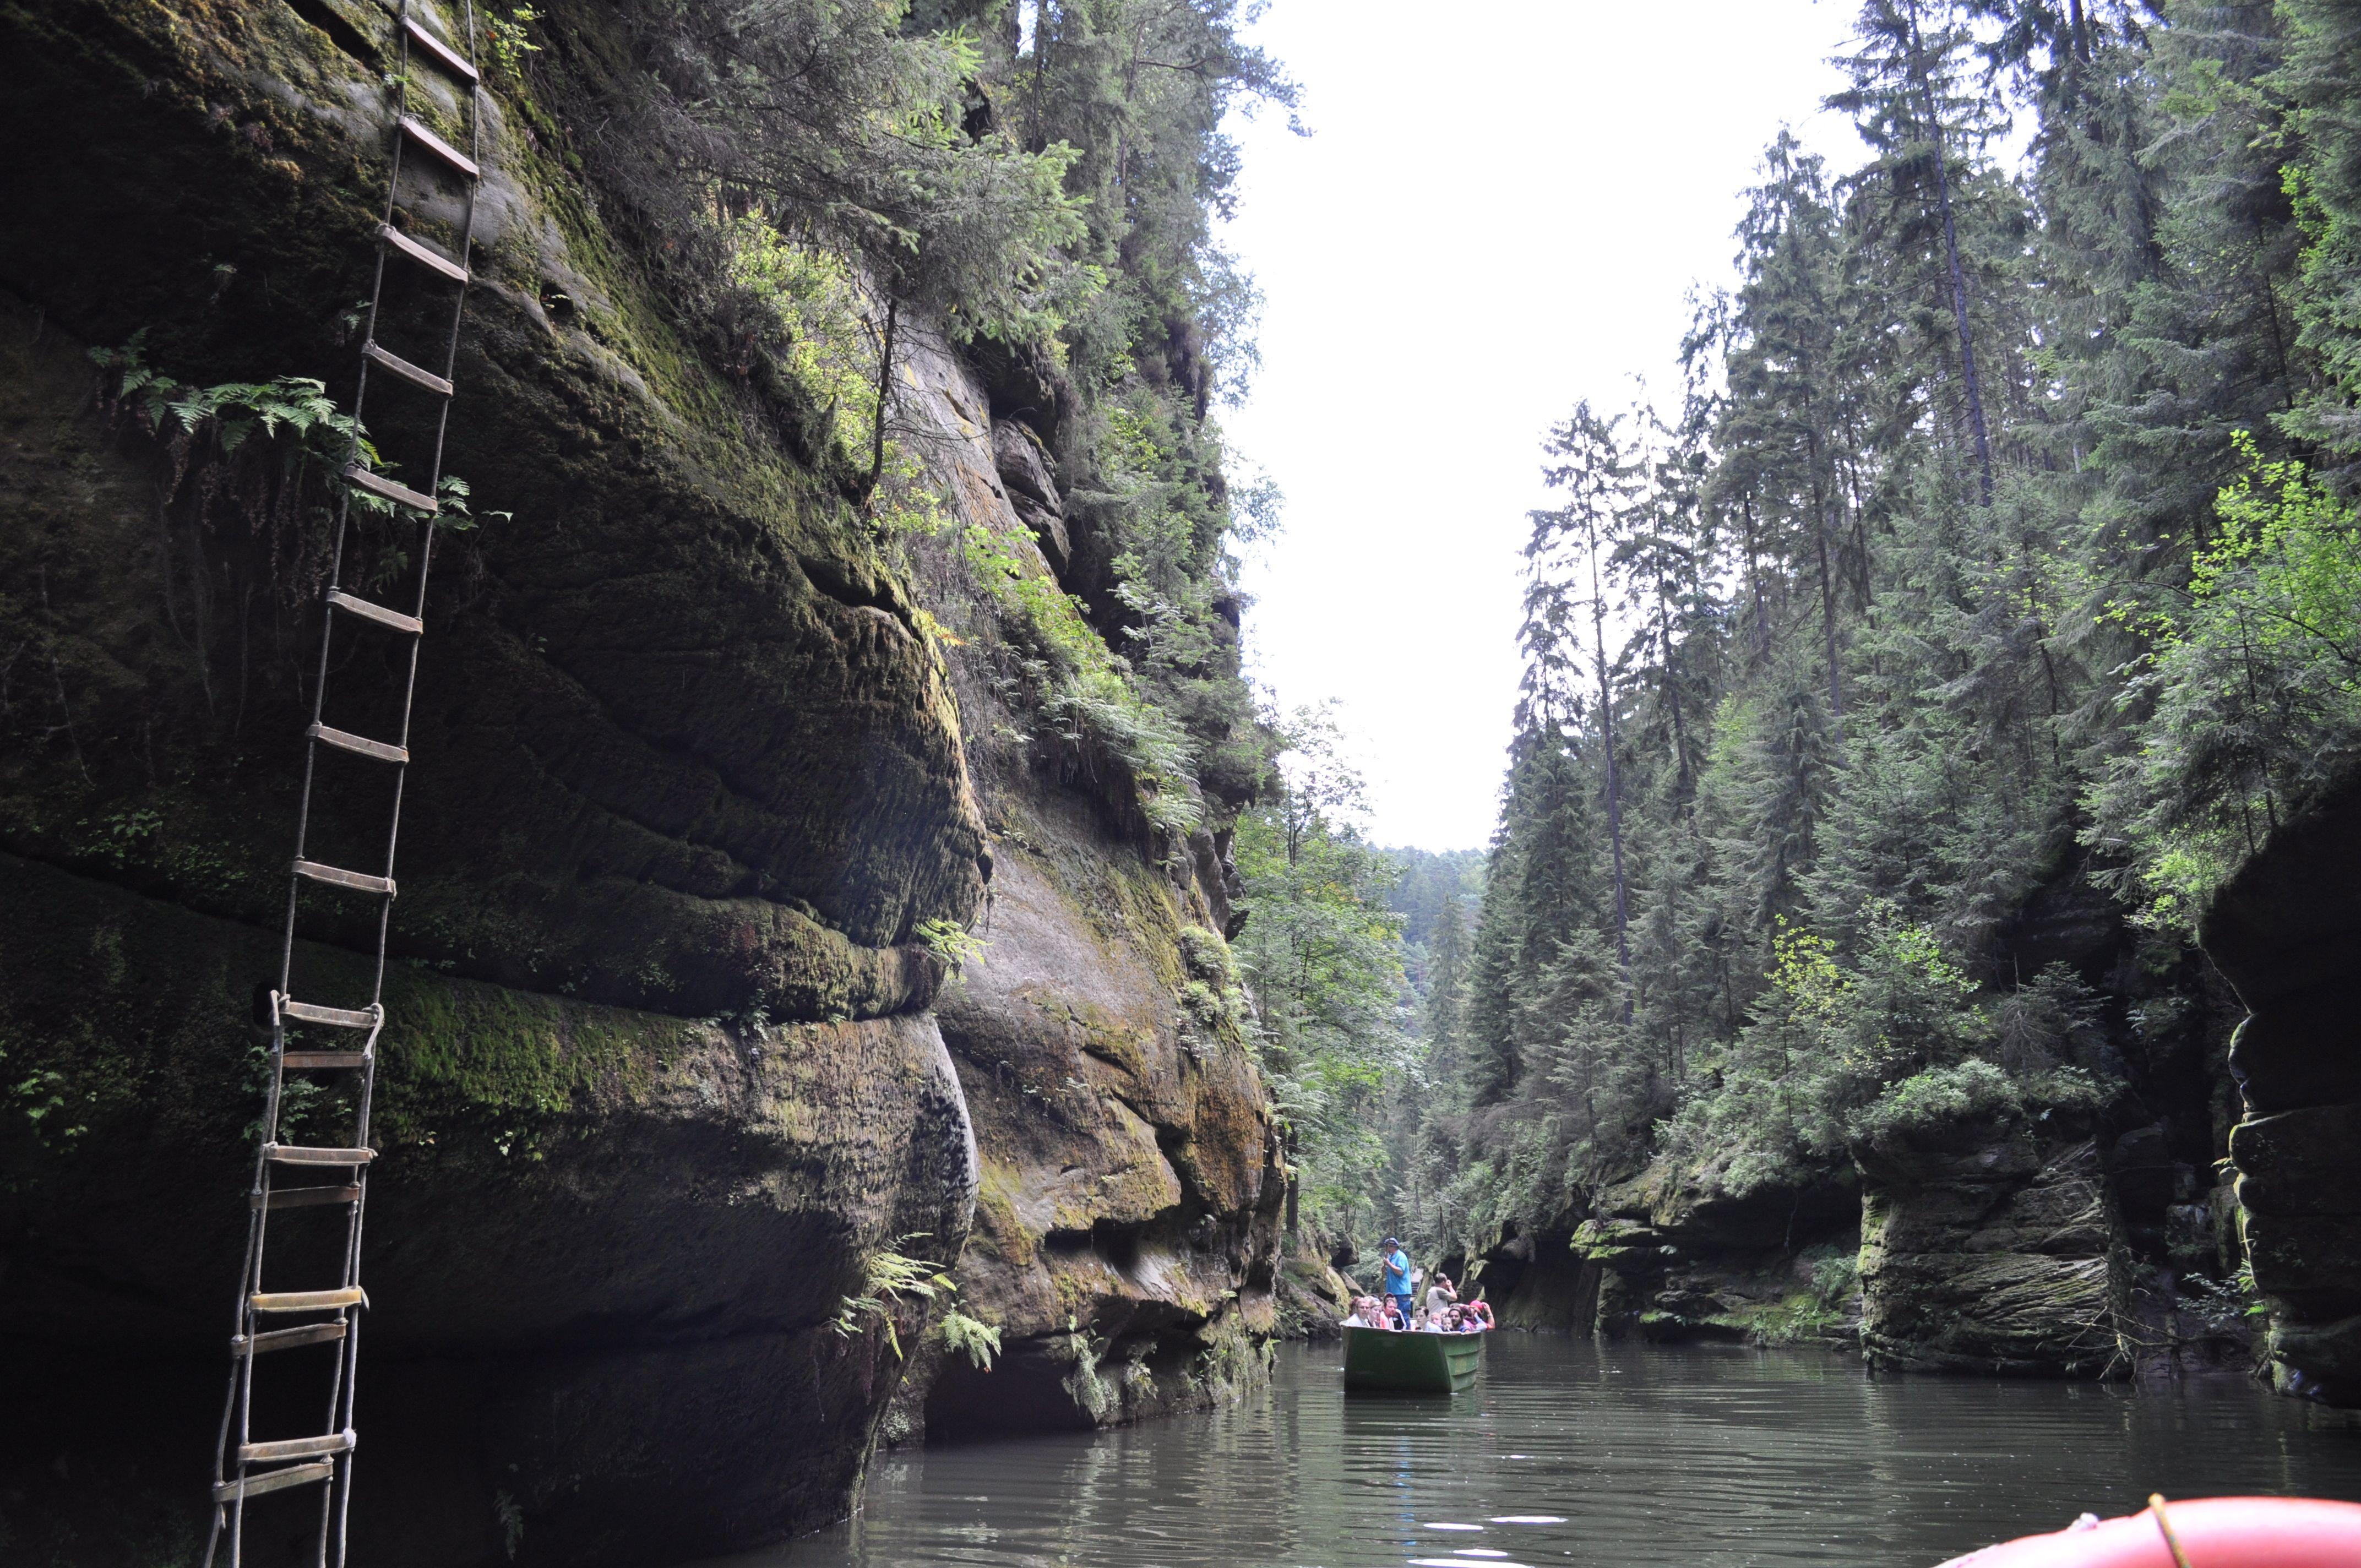 Afbeeldingsresultaat voor gorge along Kamenice river